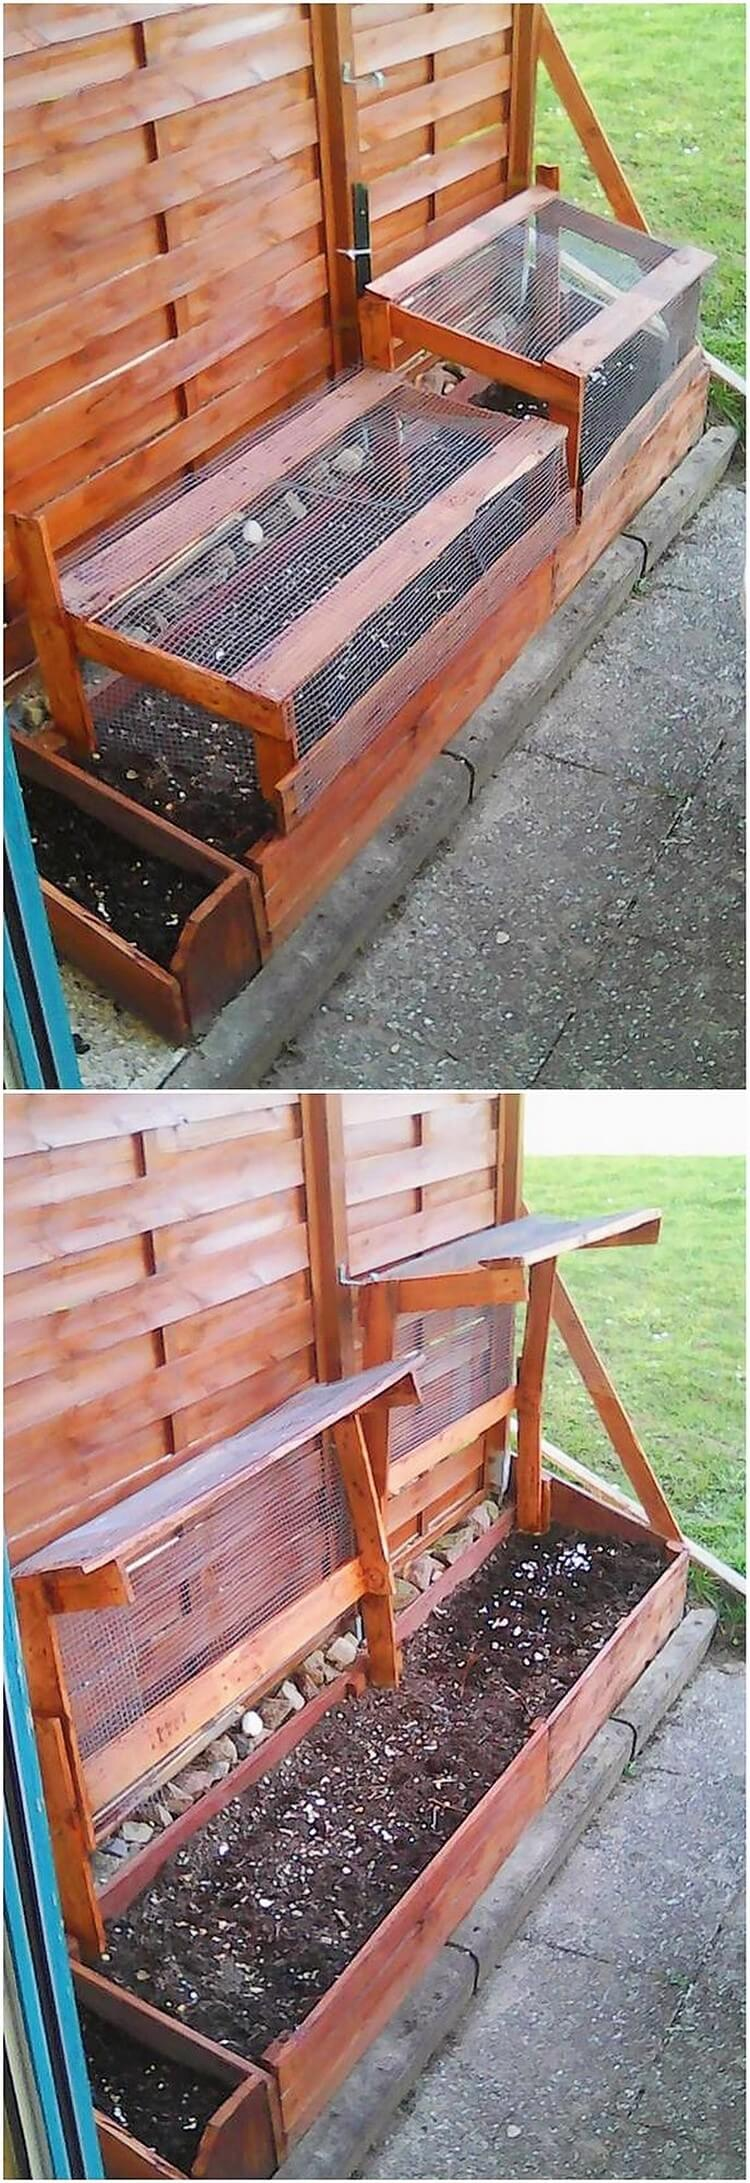 Pallet Raised Garden Bed